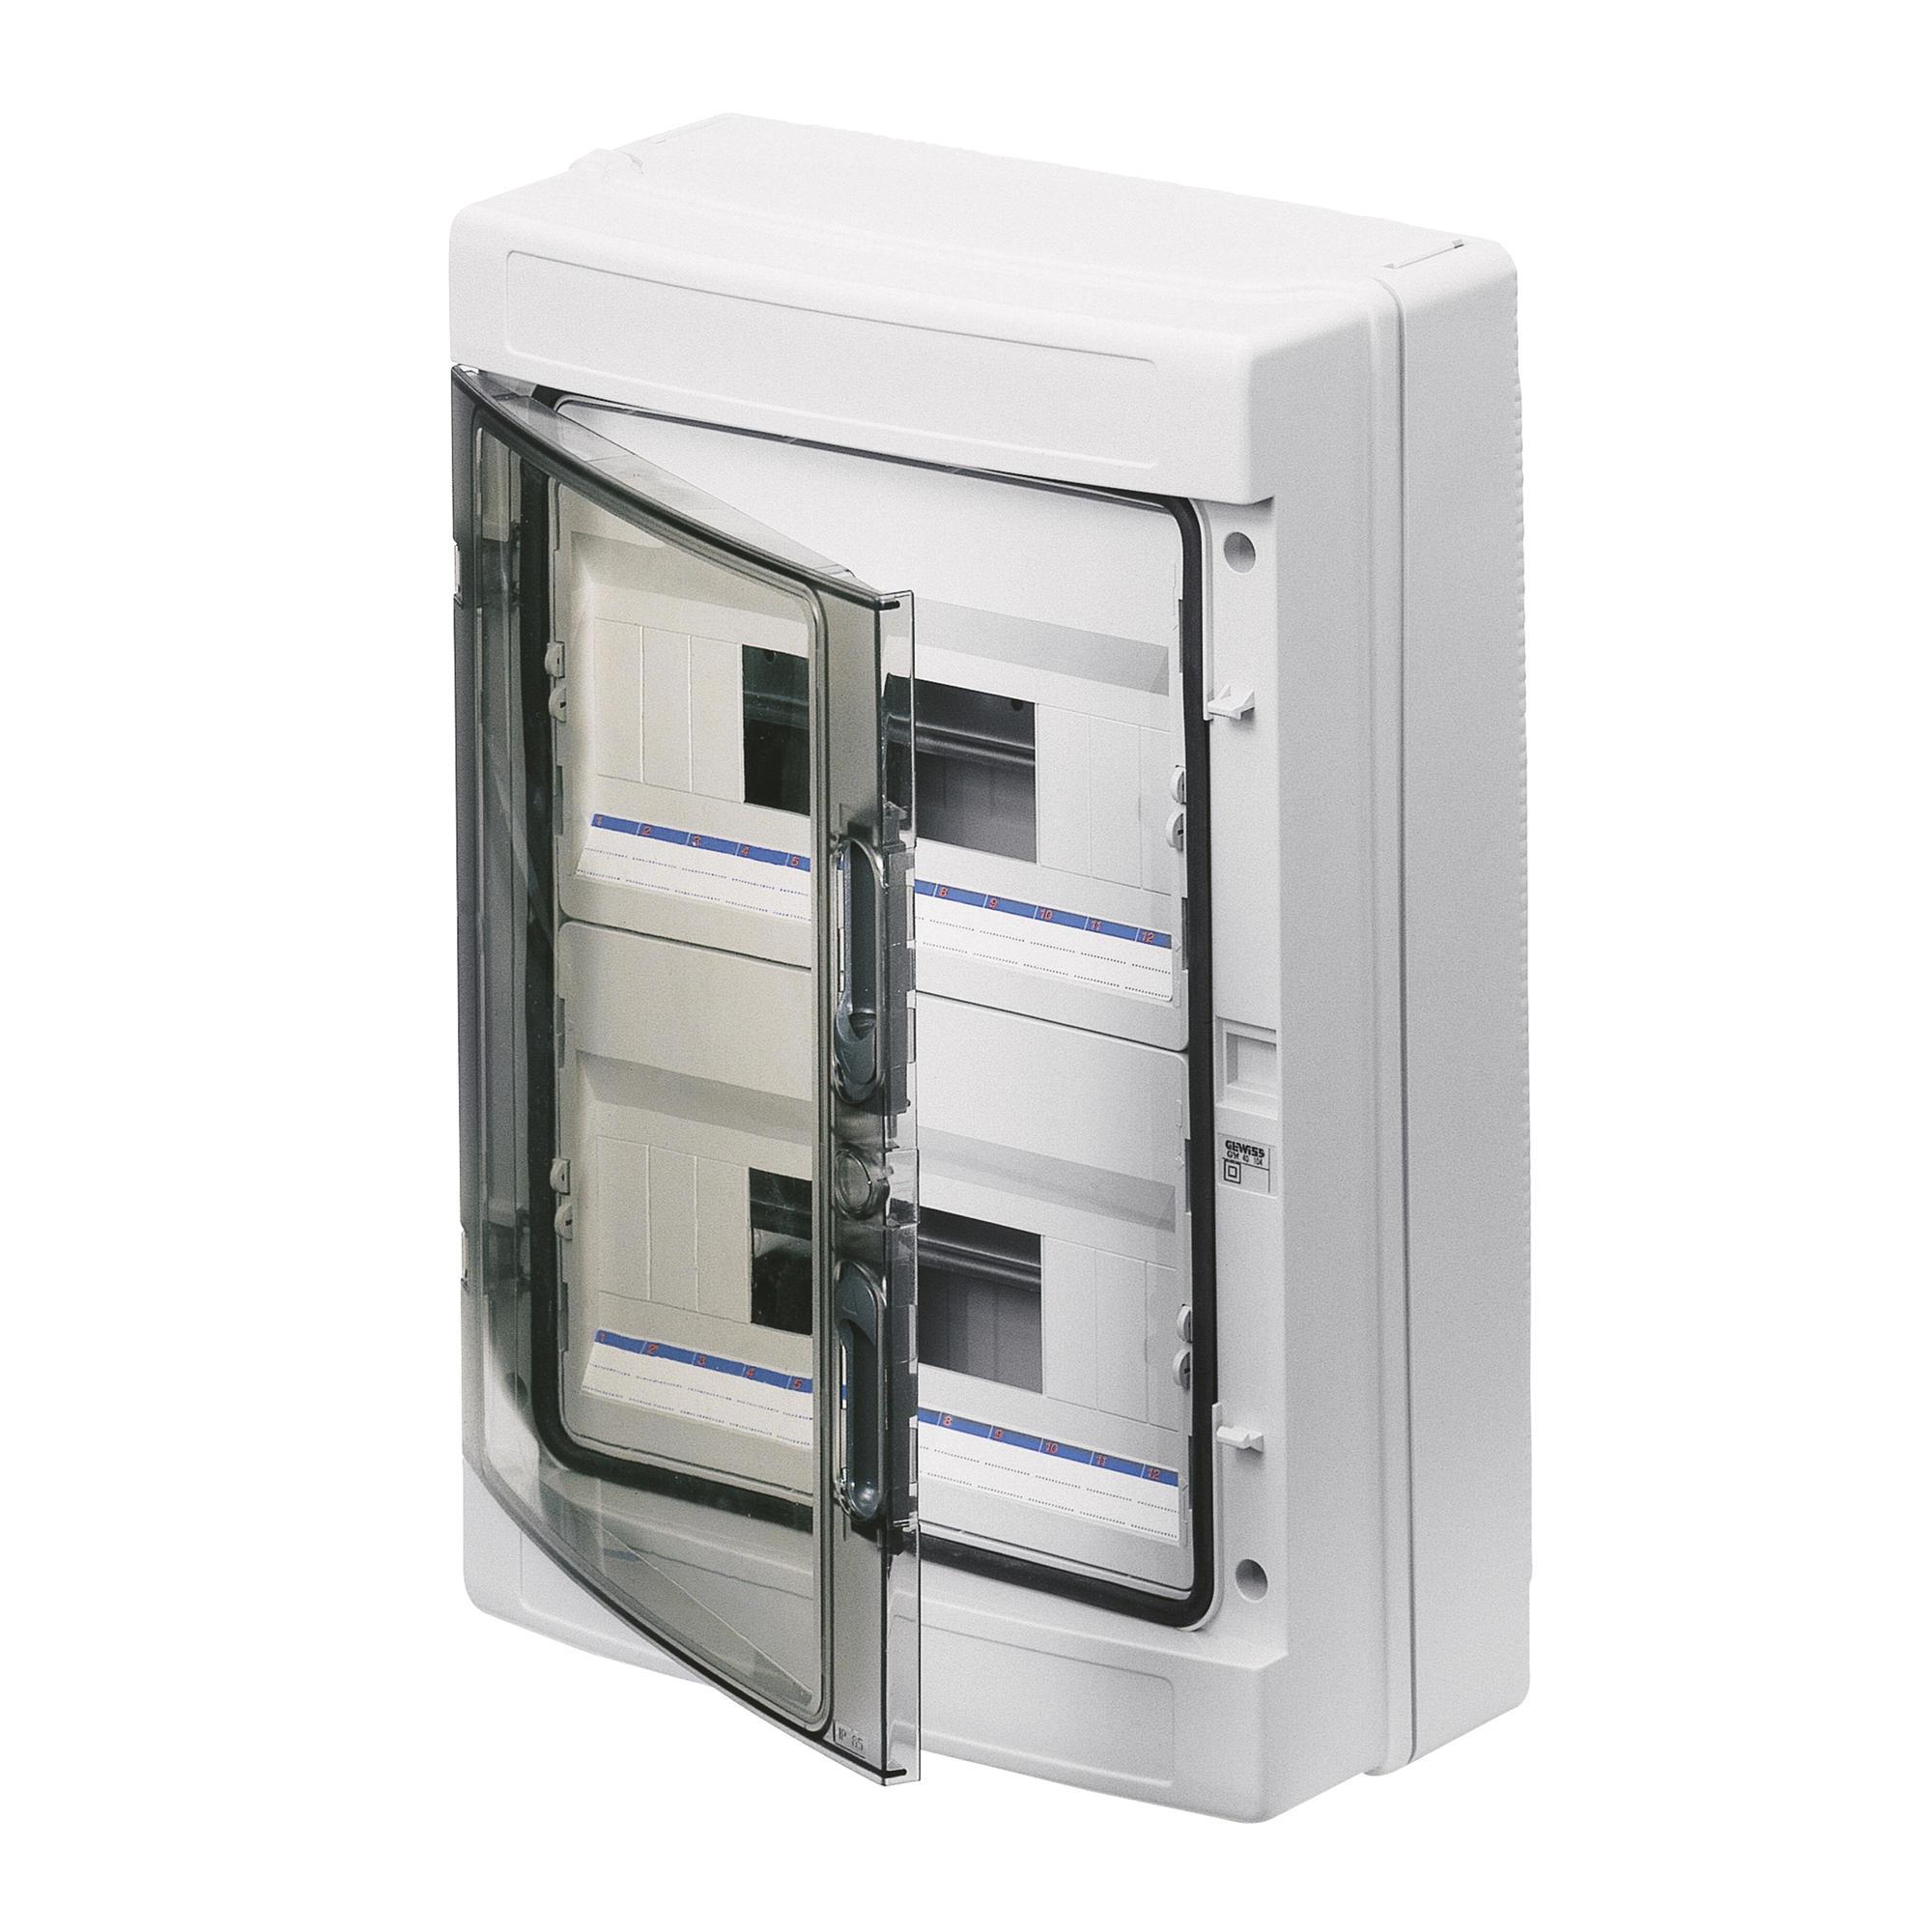 350 mm, 100 mm, 280 mm Caja para cuadro el/éctrico Gewiss GW40047 caja el/éctrica